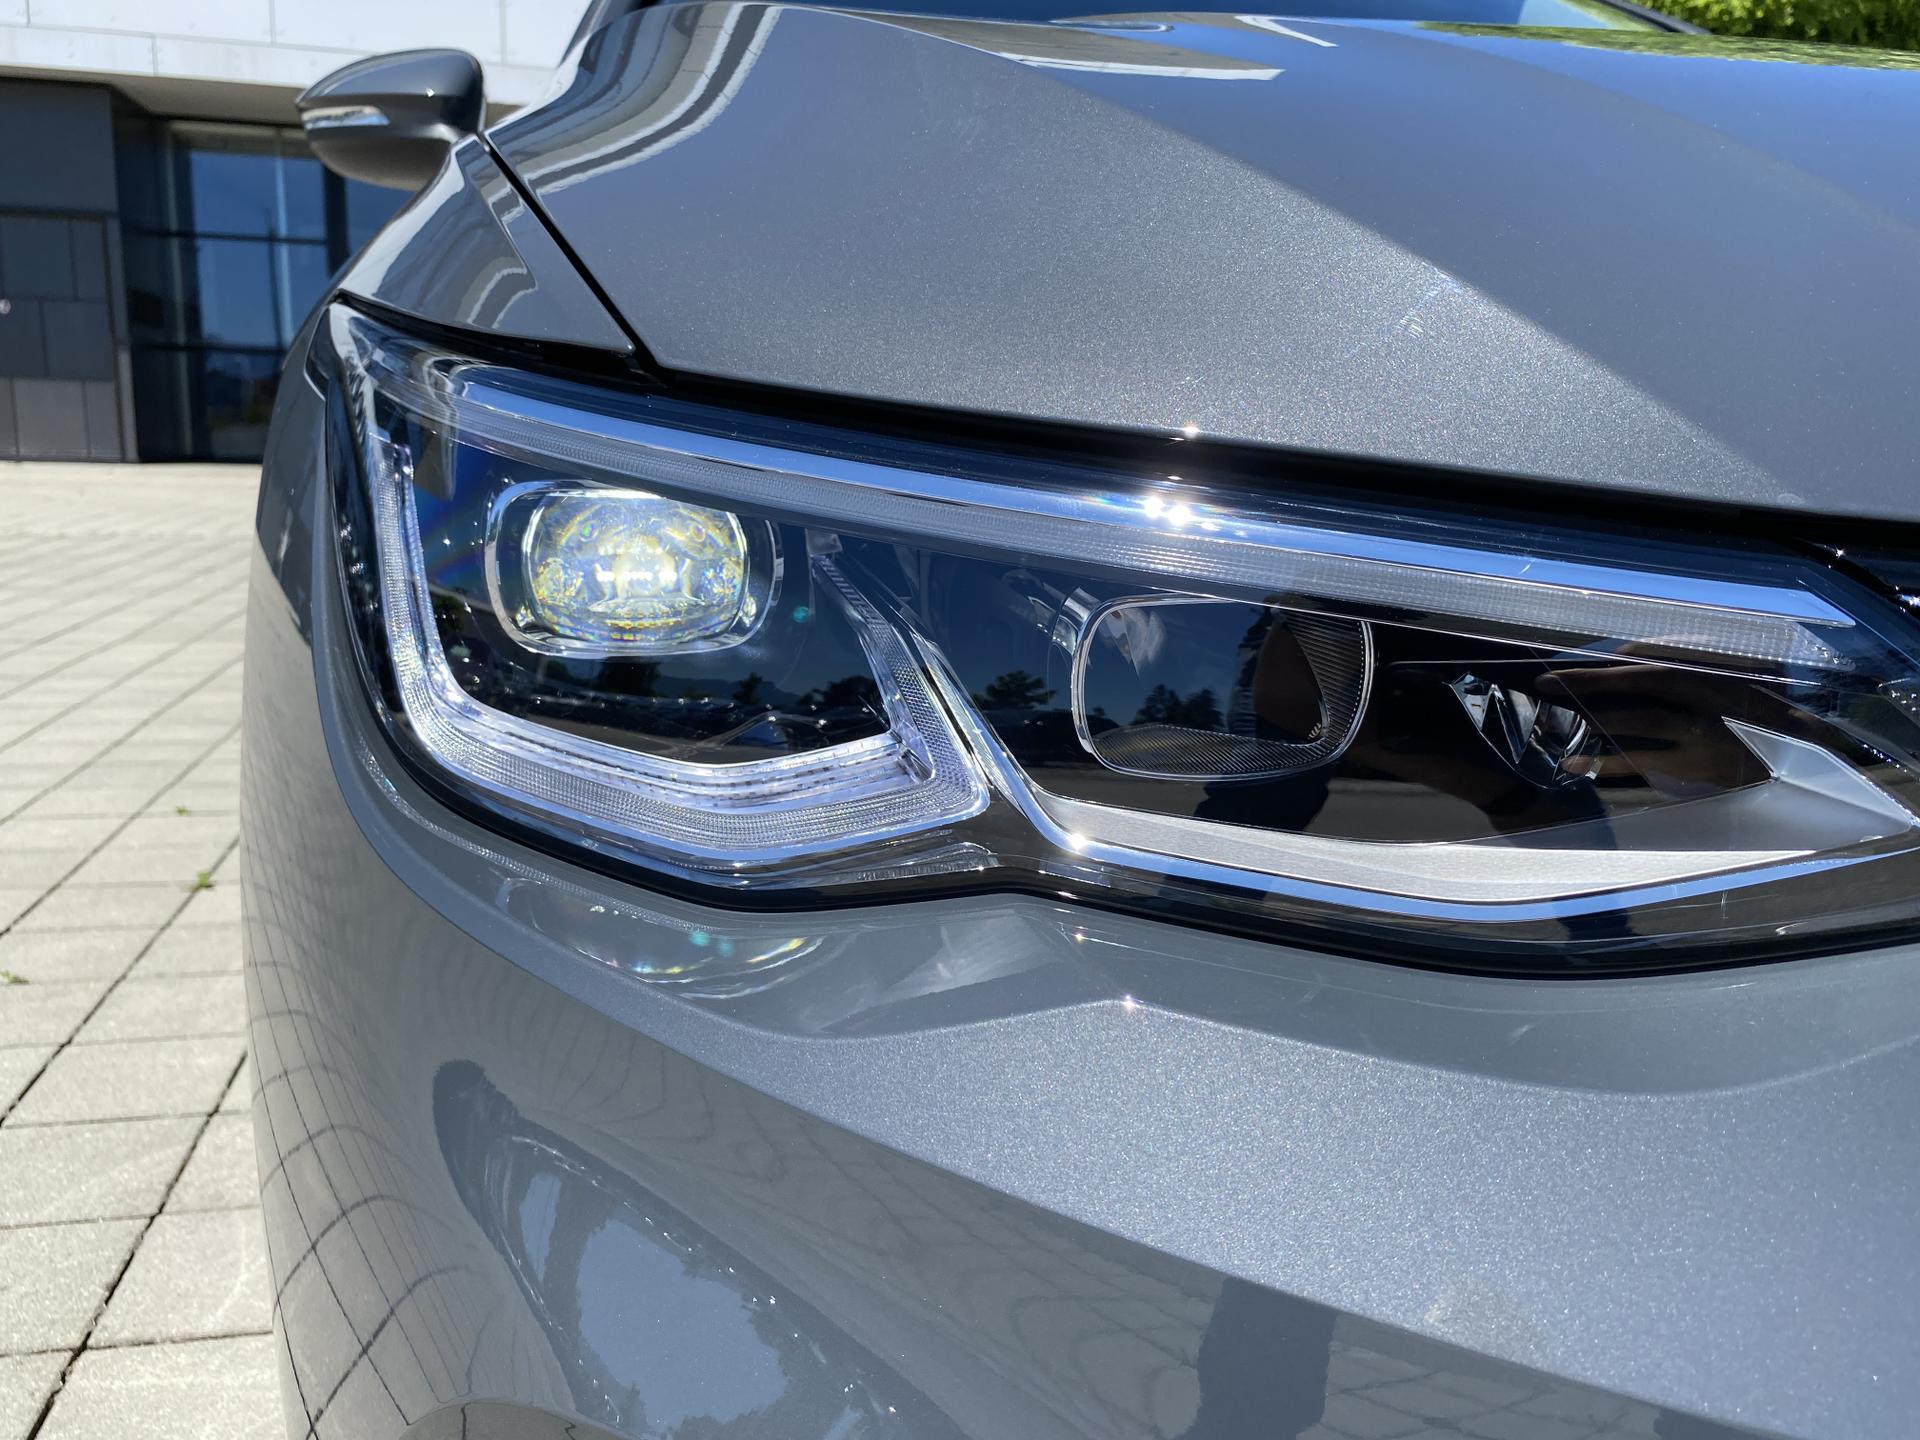 VW Golf Variant Scheinwerfer